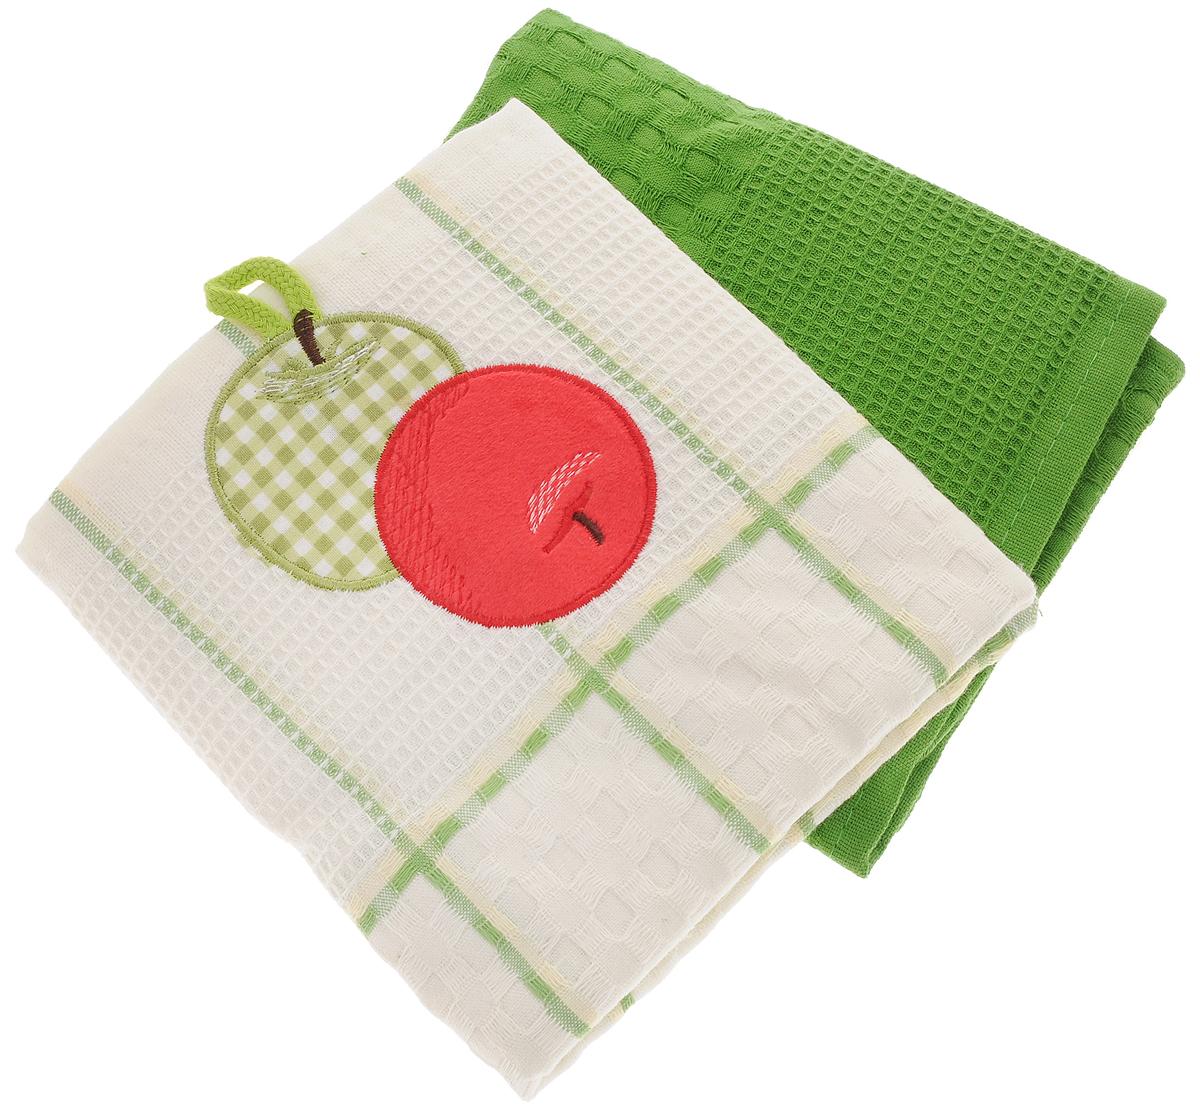 Набор кухонных полотенец Bonita Яблоко, цвет: зеленый, белый, 45 х 70 см, 2 шт115358Набор кухонных полотенец Bonita Яблоко состоит из двух полотенец, изготовленный из натурального хлопка, идеально дополнит интерьер вашей кухни и создаст атмосферу уюта и комфорта. Одно полотенце белого цвета в зеленую клетку оформлено вышивкой в виде яблок и оснащено петелькой. Другое полотенце однотонное зеленого цвета без вышивки. Изделия выполнены из натурального материала, поэтому являются экологически чистыми. Высочайшее качество материала гарантирует безопасность не только взрослых, но и самых маленьких членов семьи. Современный декоративный текстиль для дома должен быть экологически чистым продуктом и отличаться ярким и современным дизайном.